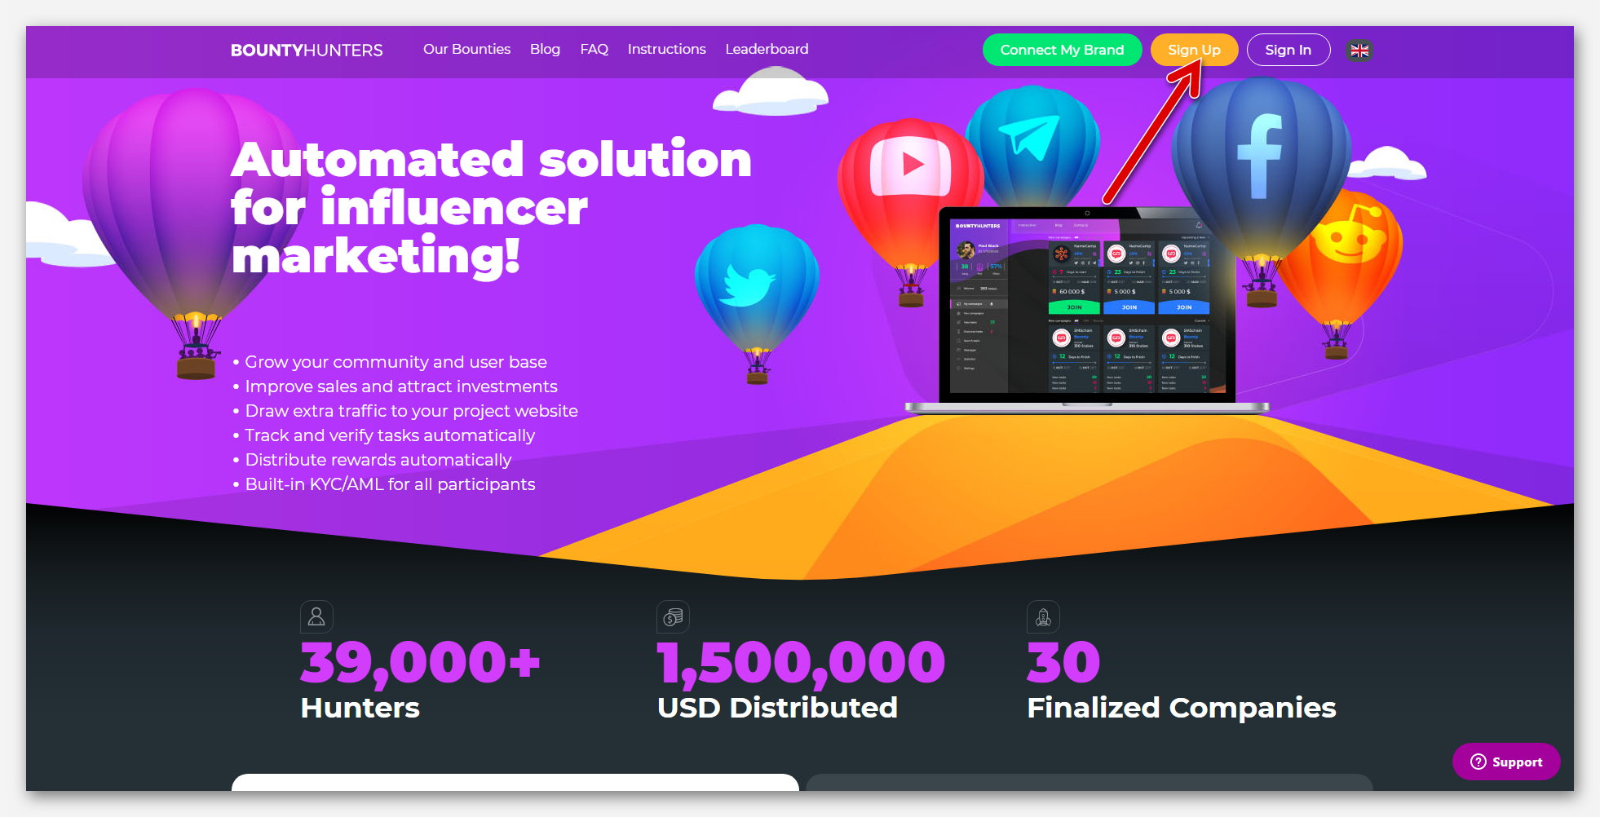 Главная страница на сайте Bountyhunters, криптовалютный проект